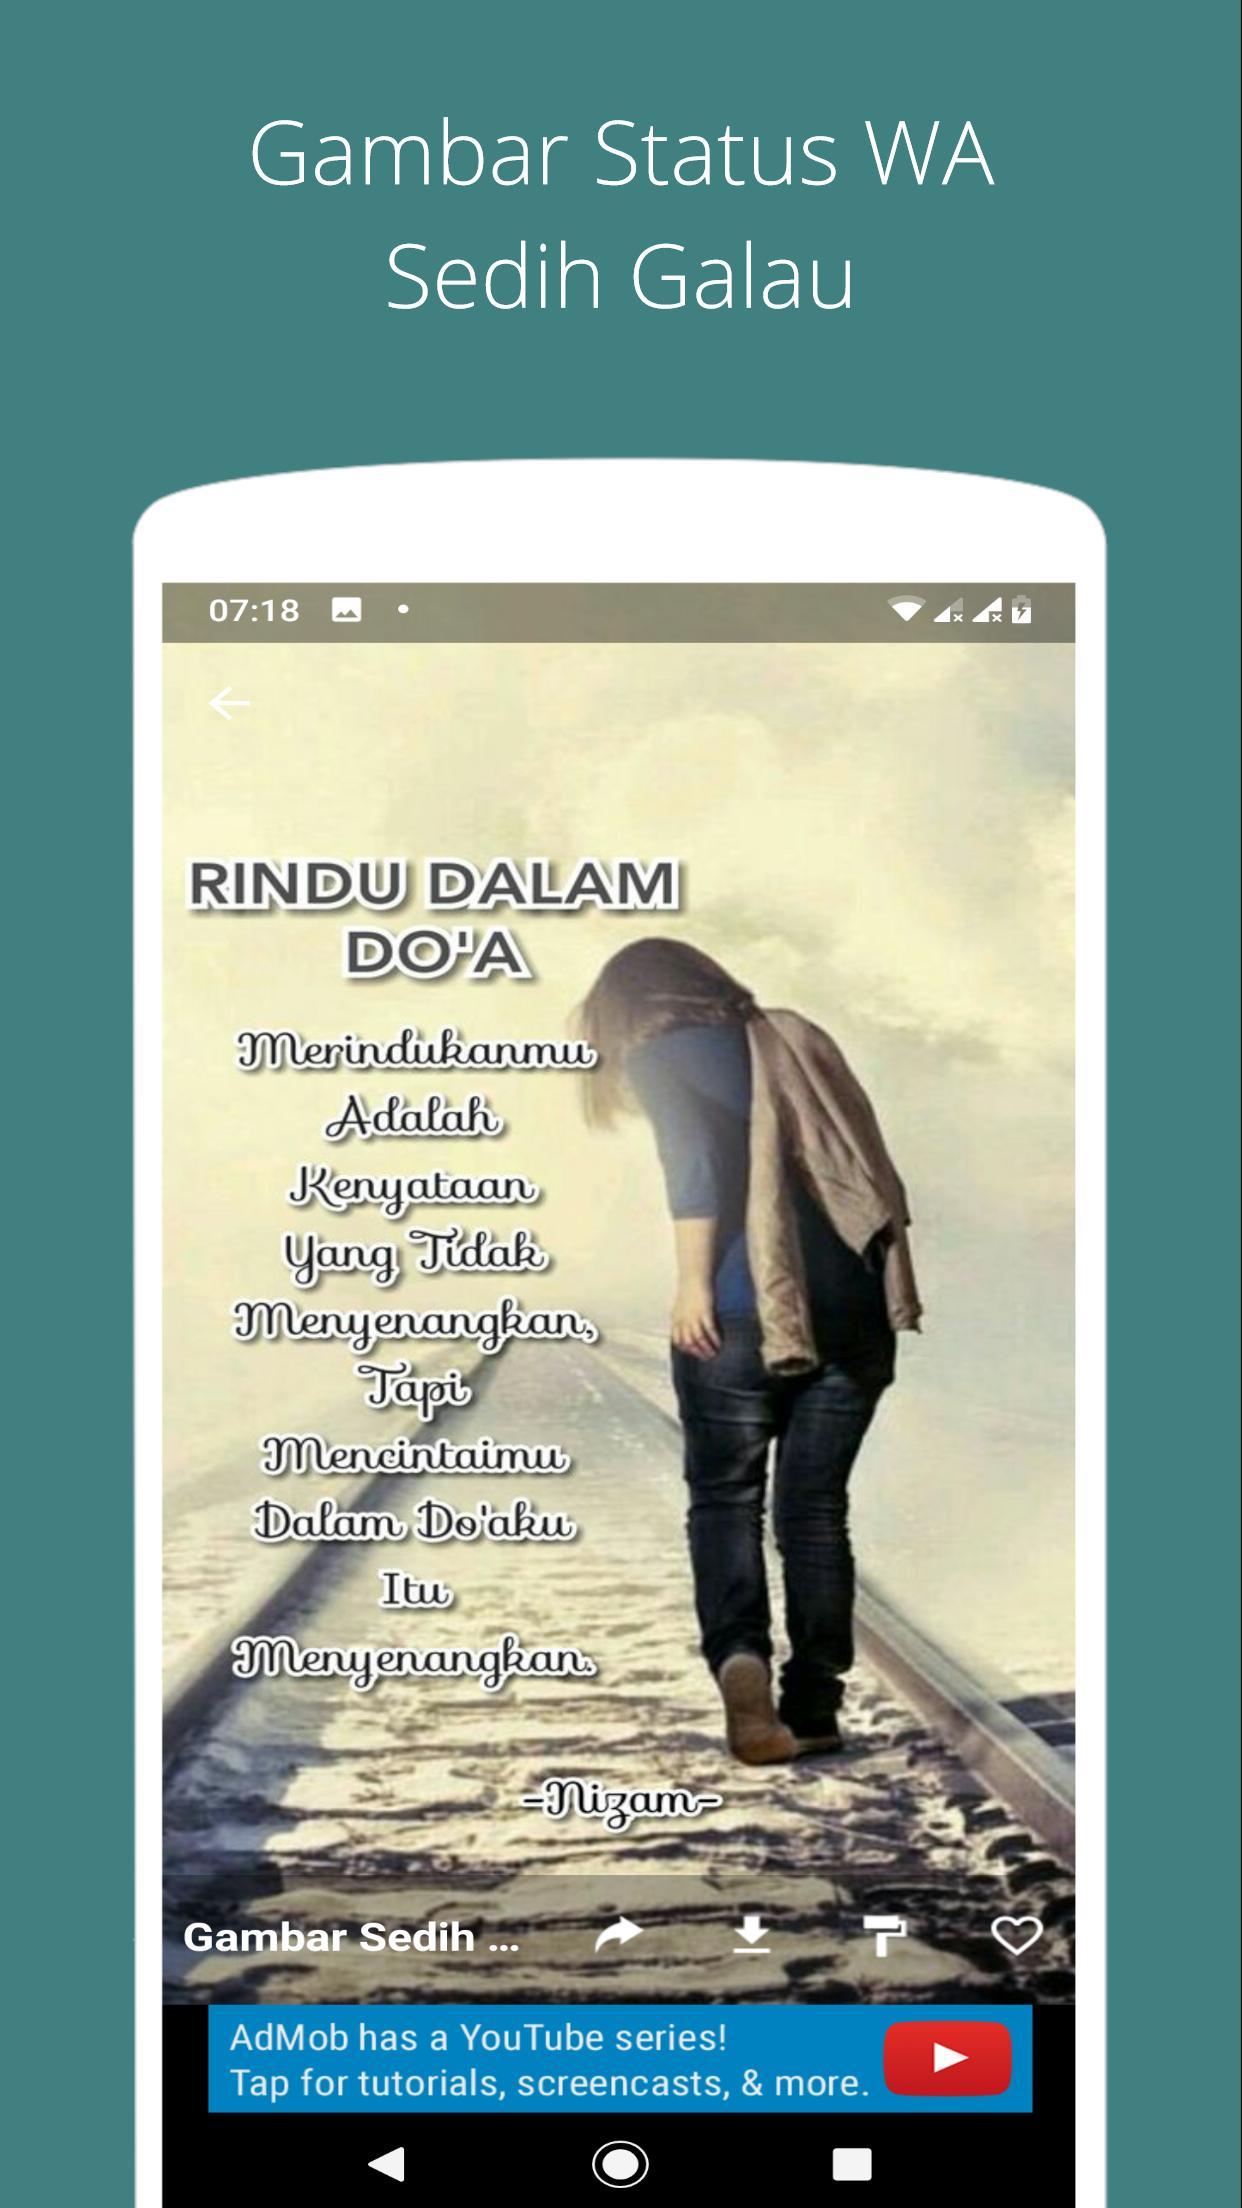 Gambar Status Wa Sedih Galau For Android Apk Download